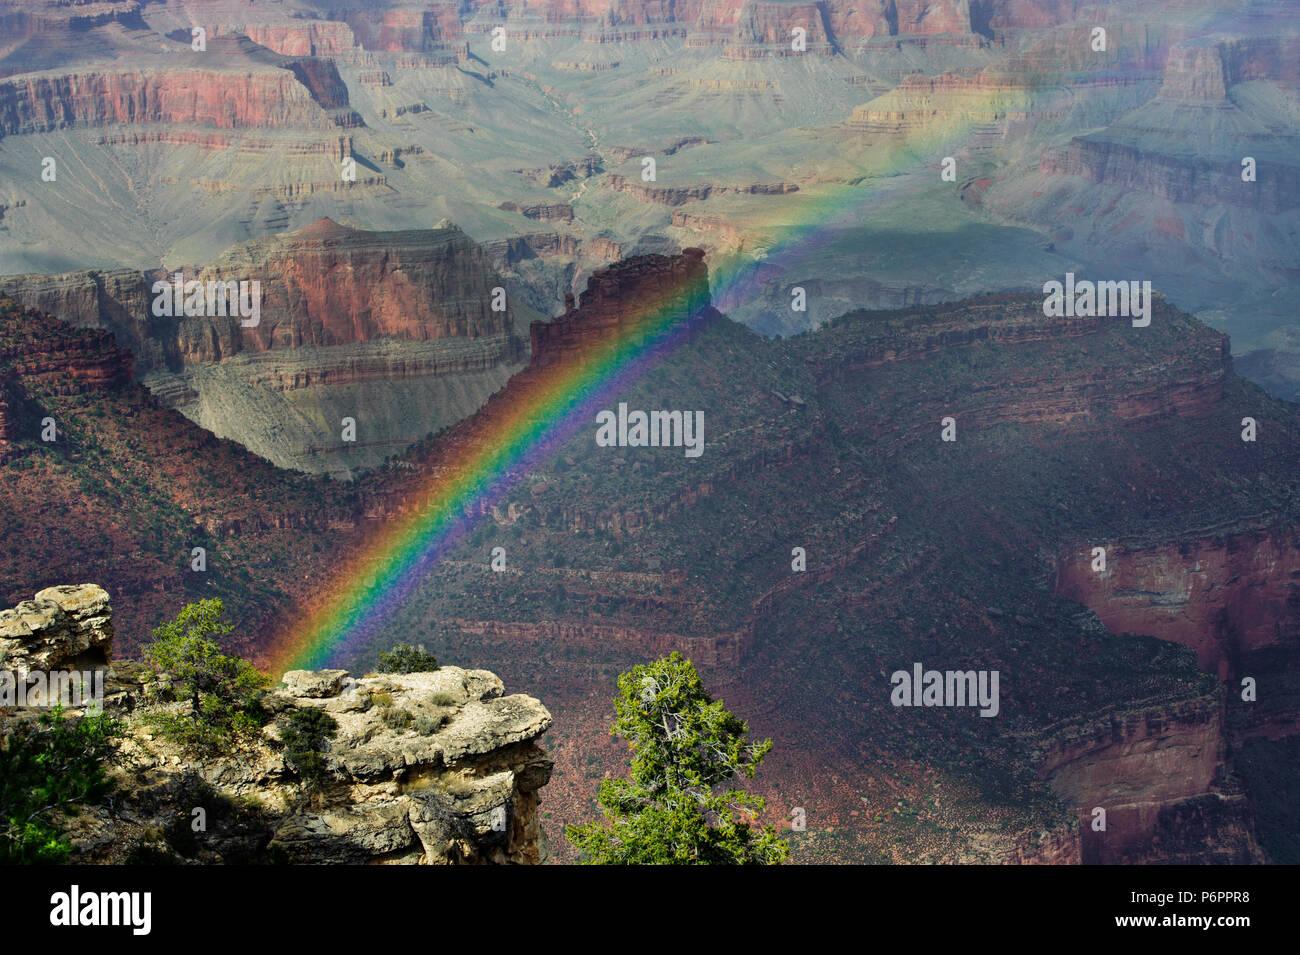 Rainbow over the Grand Canyon, Arizona, USA. - Stock Image